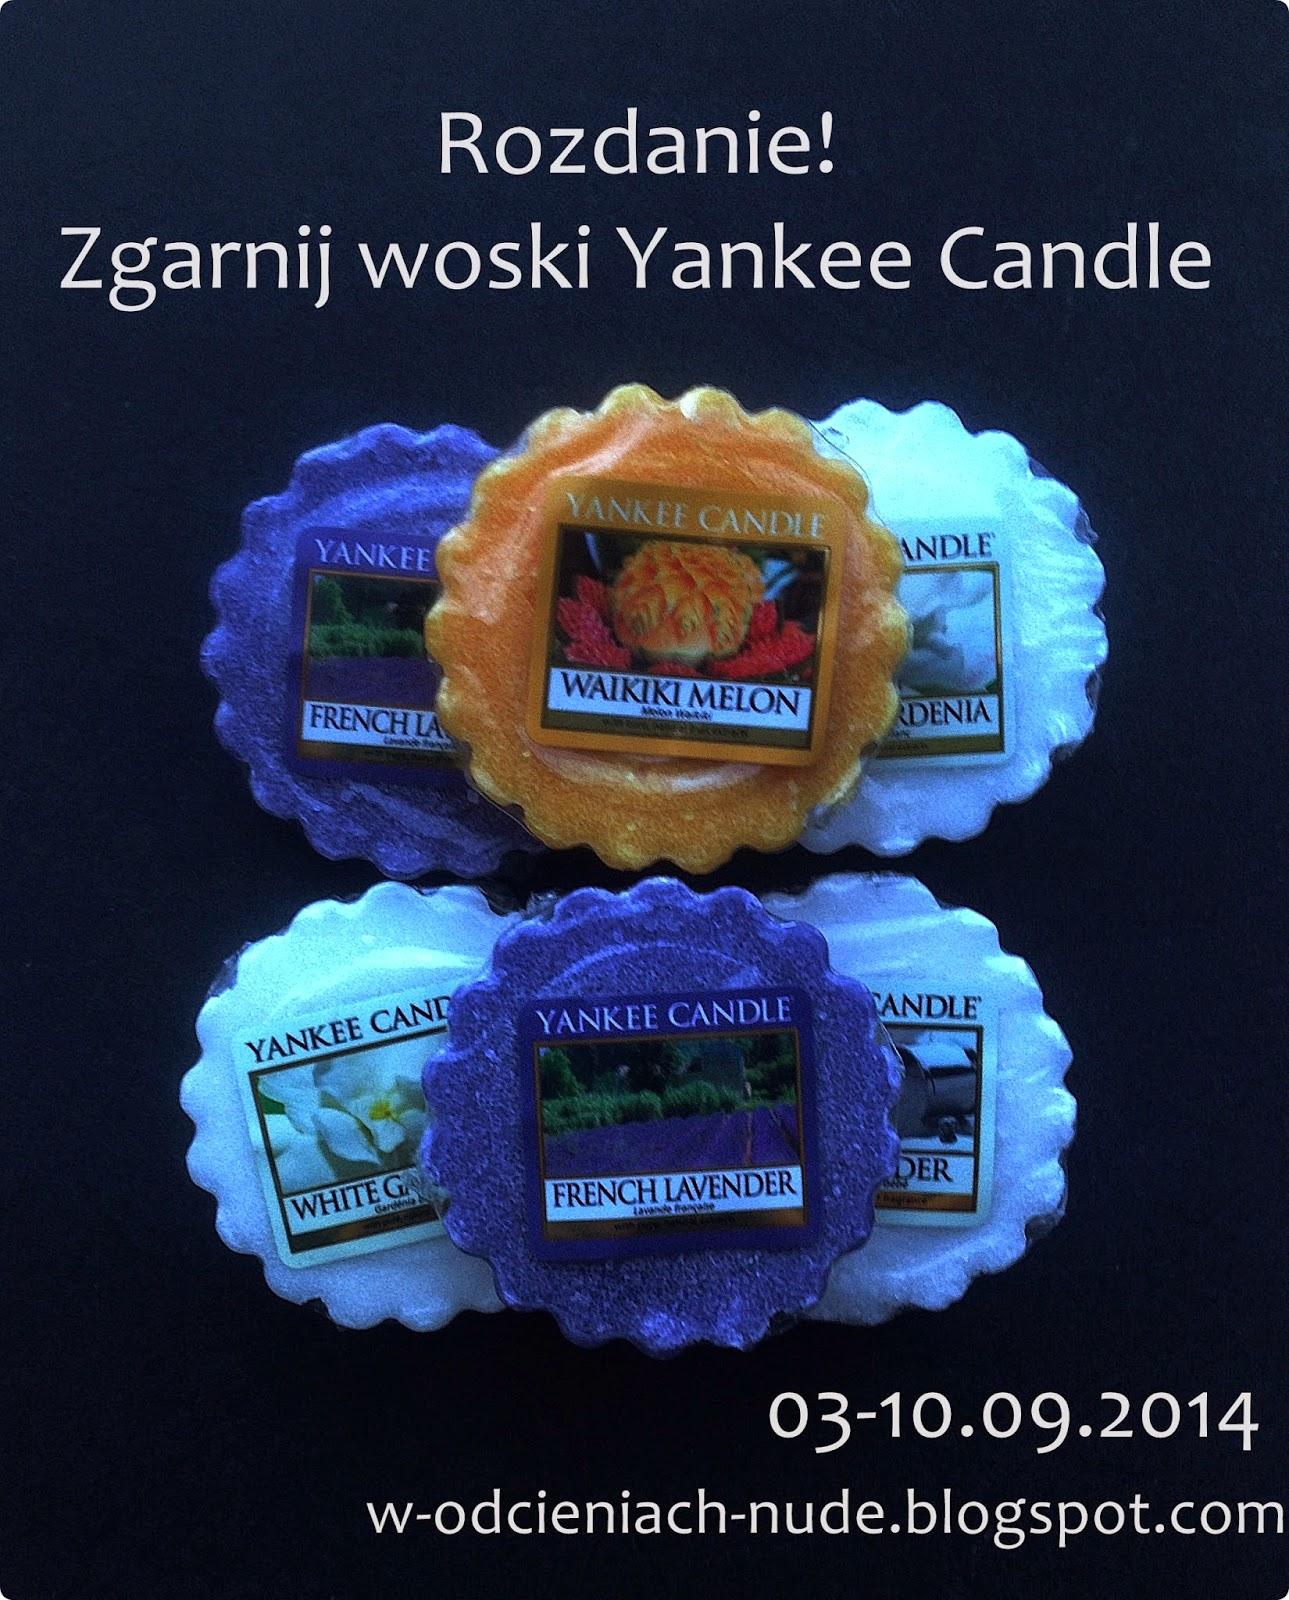 Wygraj zestaw wosków Yankee Candle (03-10.09.2014)